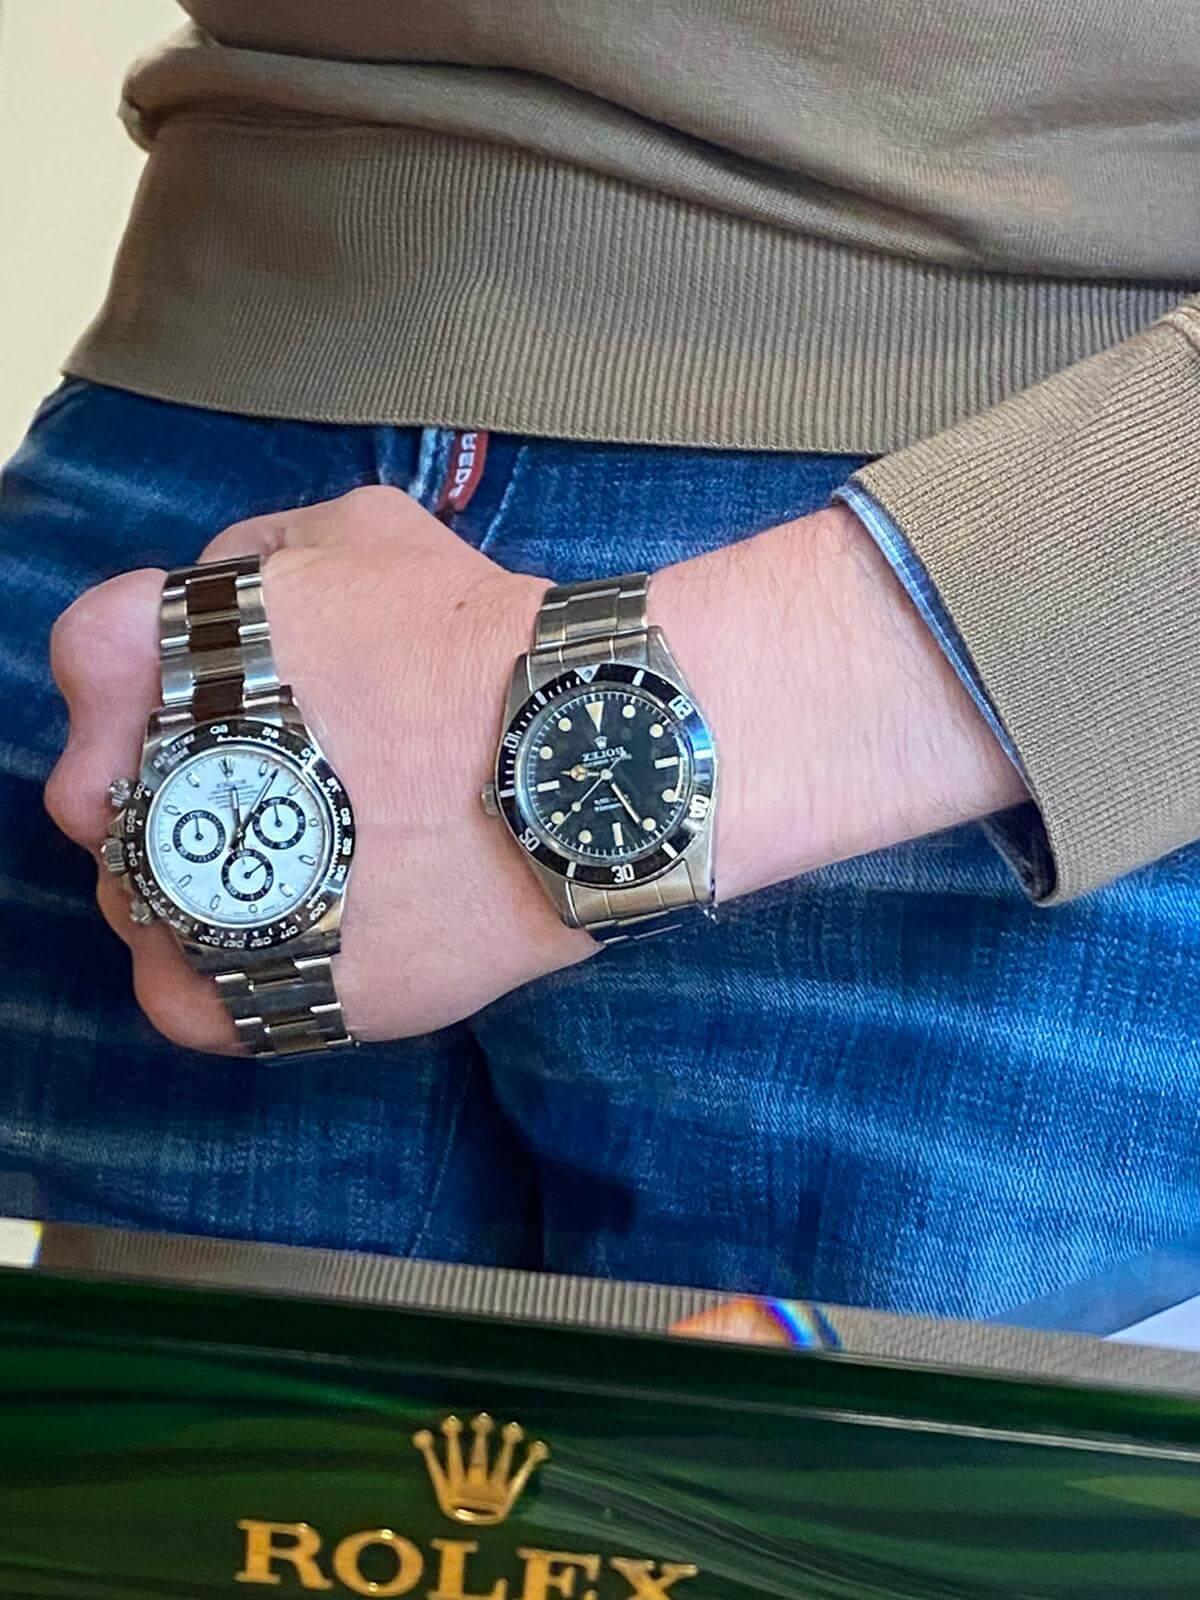 Comprar Reloj Rolex De Segunda Mano Ap Watches Compraventa De Relojes De Las Mejores Marcas